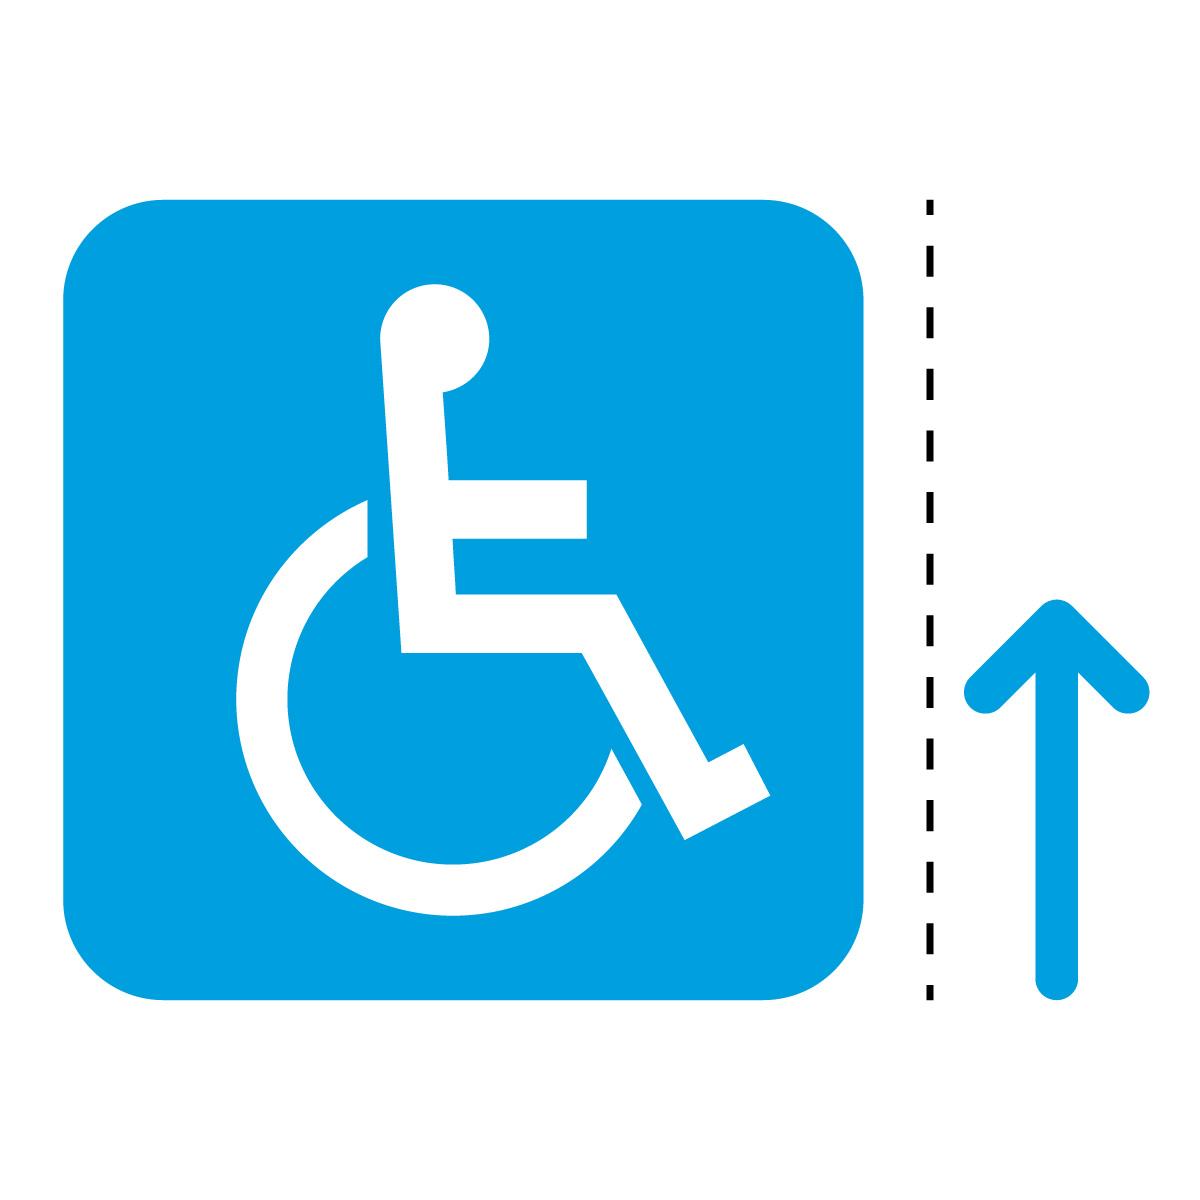 青色の車椅子・障害者案内マーク(矢印付き)のカッティングステッカー・シール